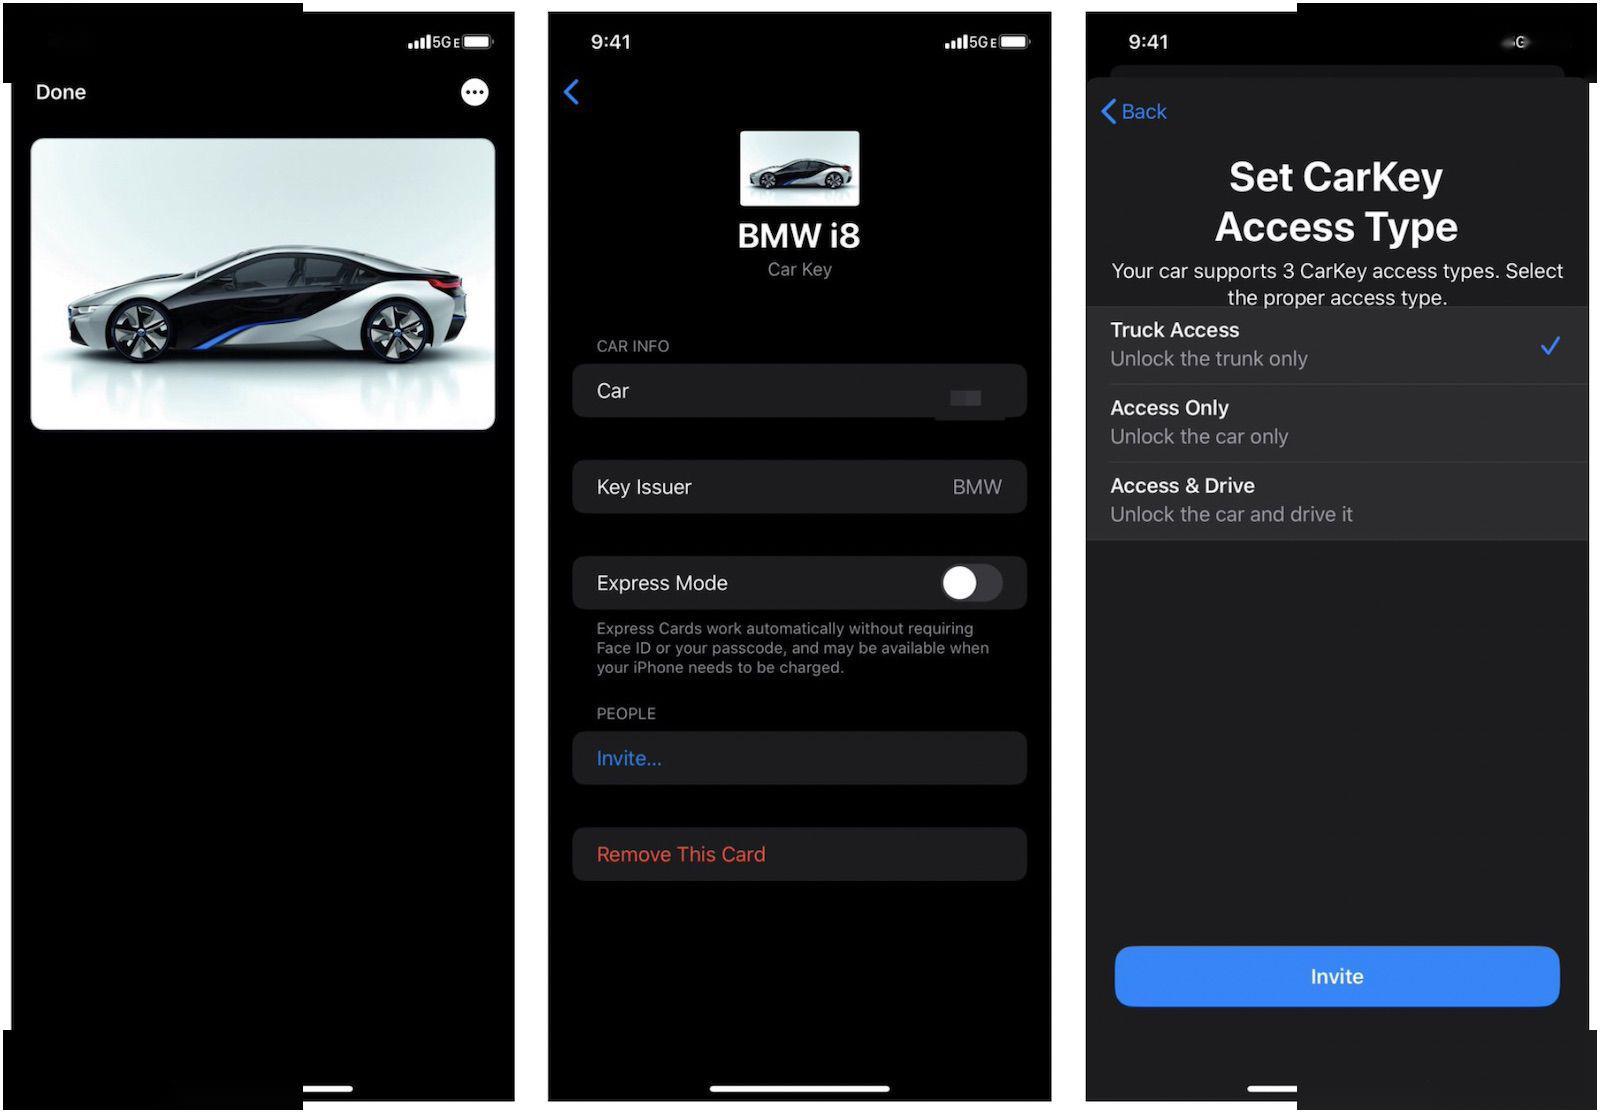 CarKey界面截图曝光:很快就可以用iPhone锁车了